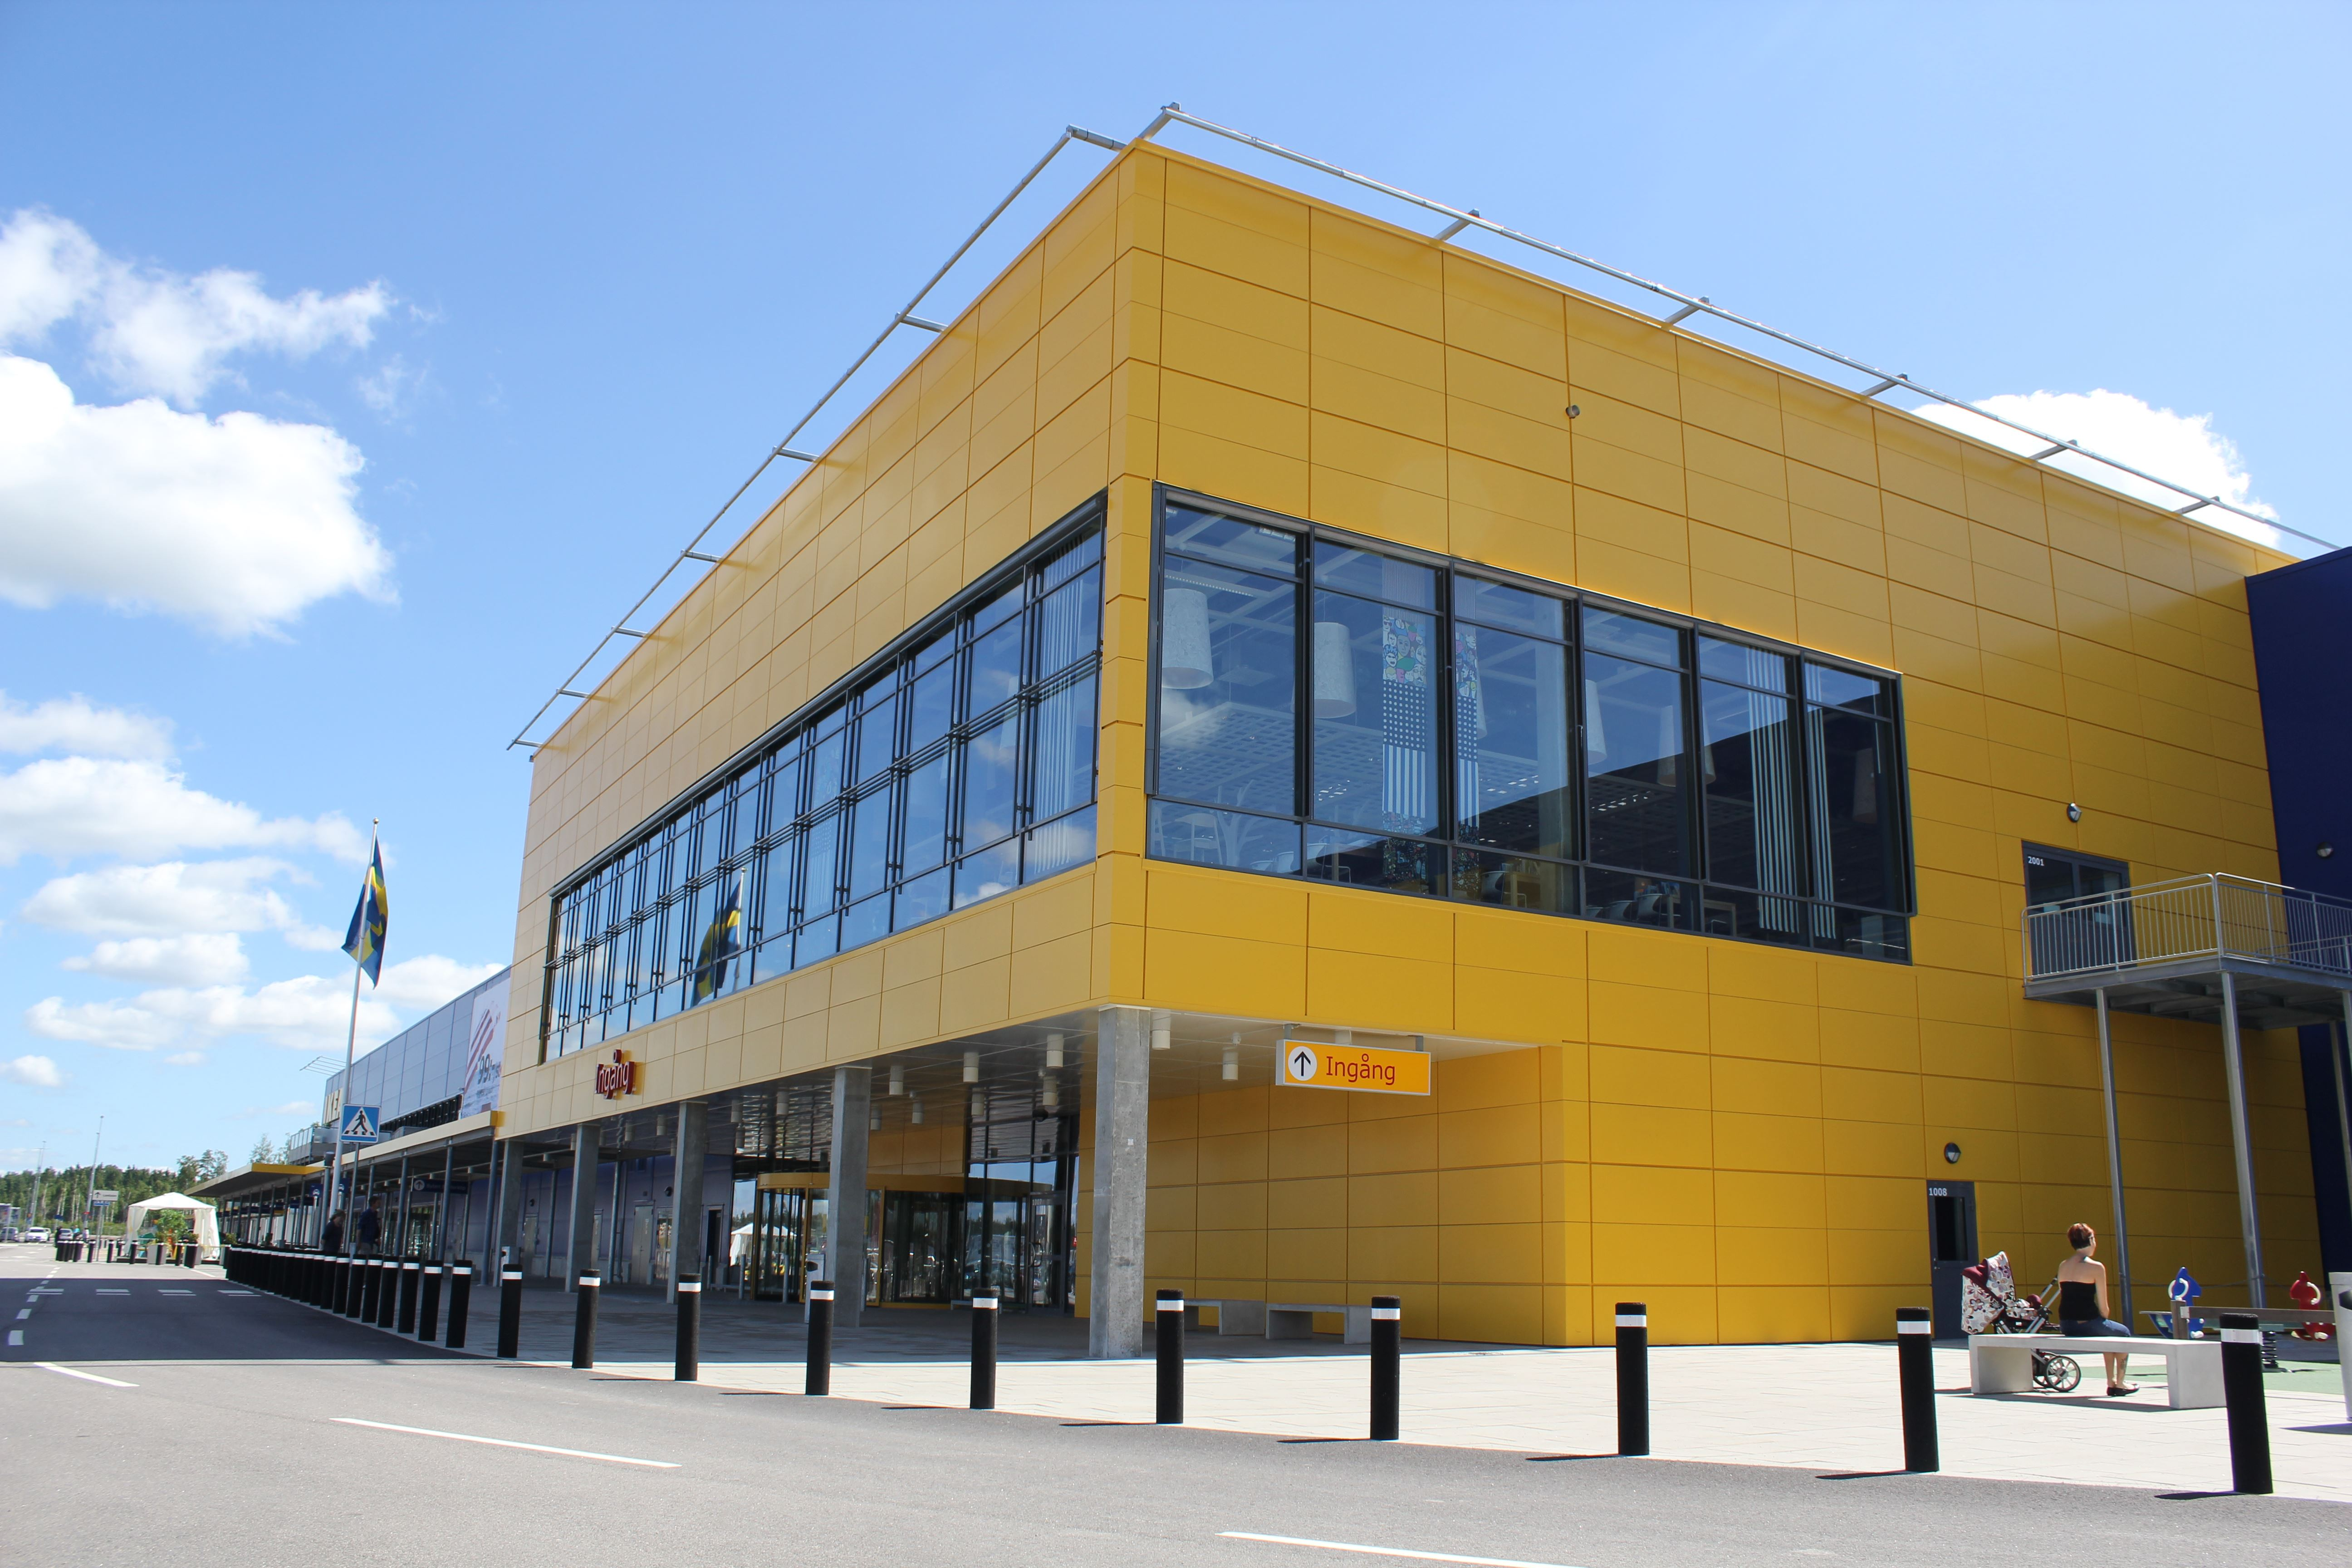 IKEA-restaurant - IKEA store